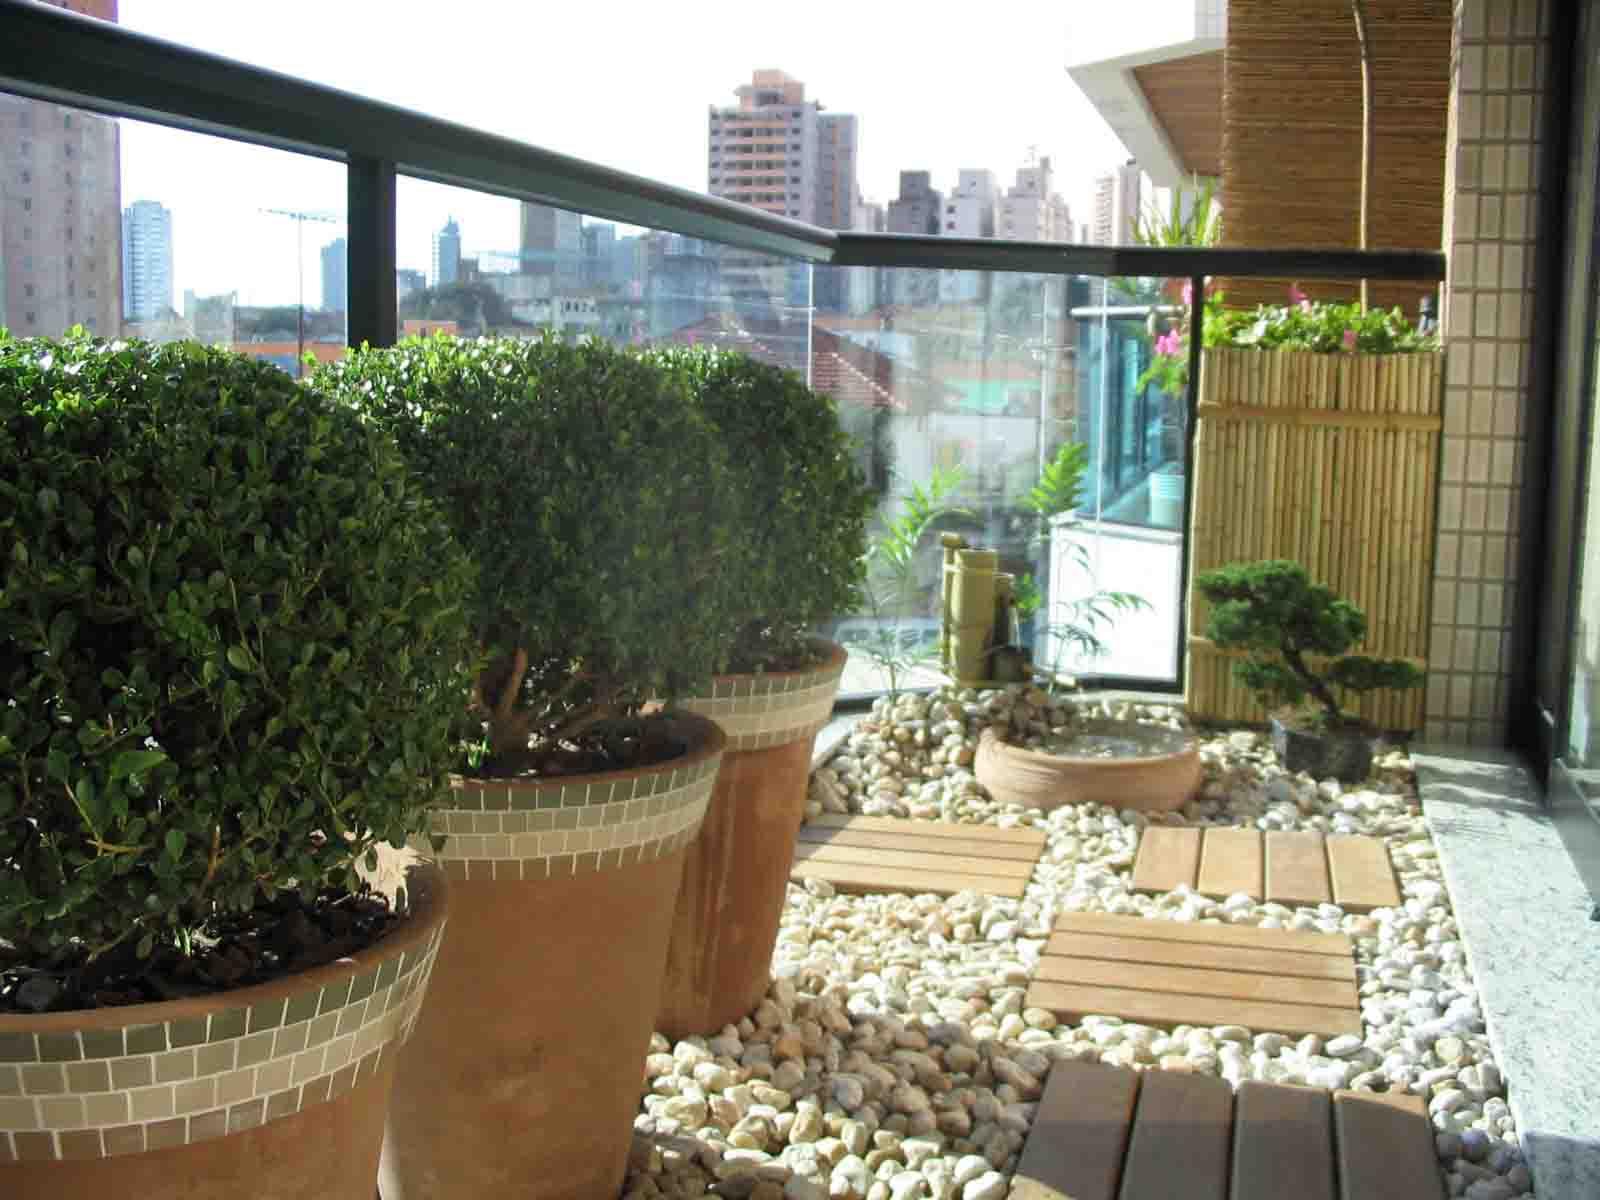 #694C2E  plantas eu se quer um jardim ..o espaço é bem grande mais 1600x1200 px sonhar banheiro grande